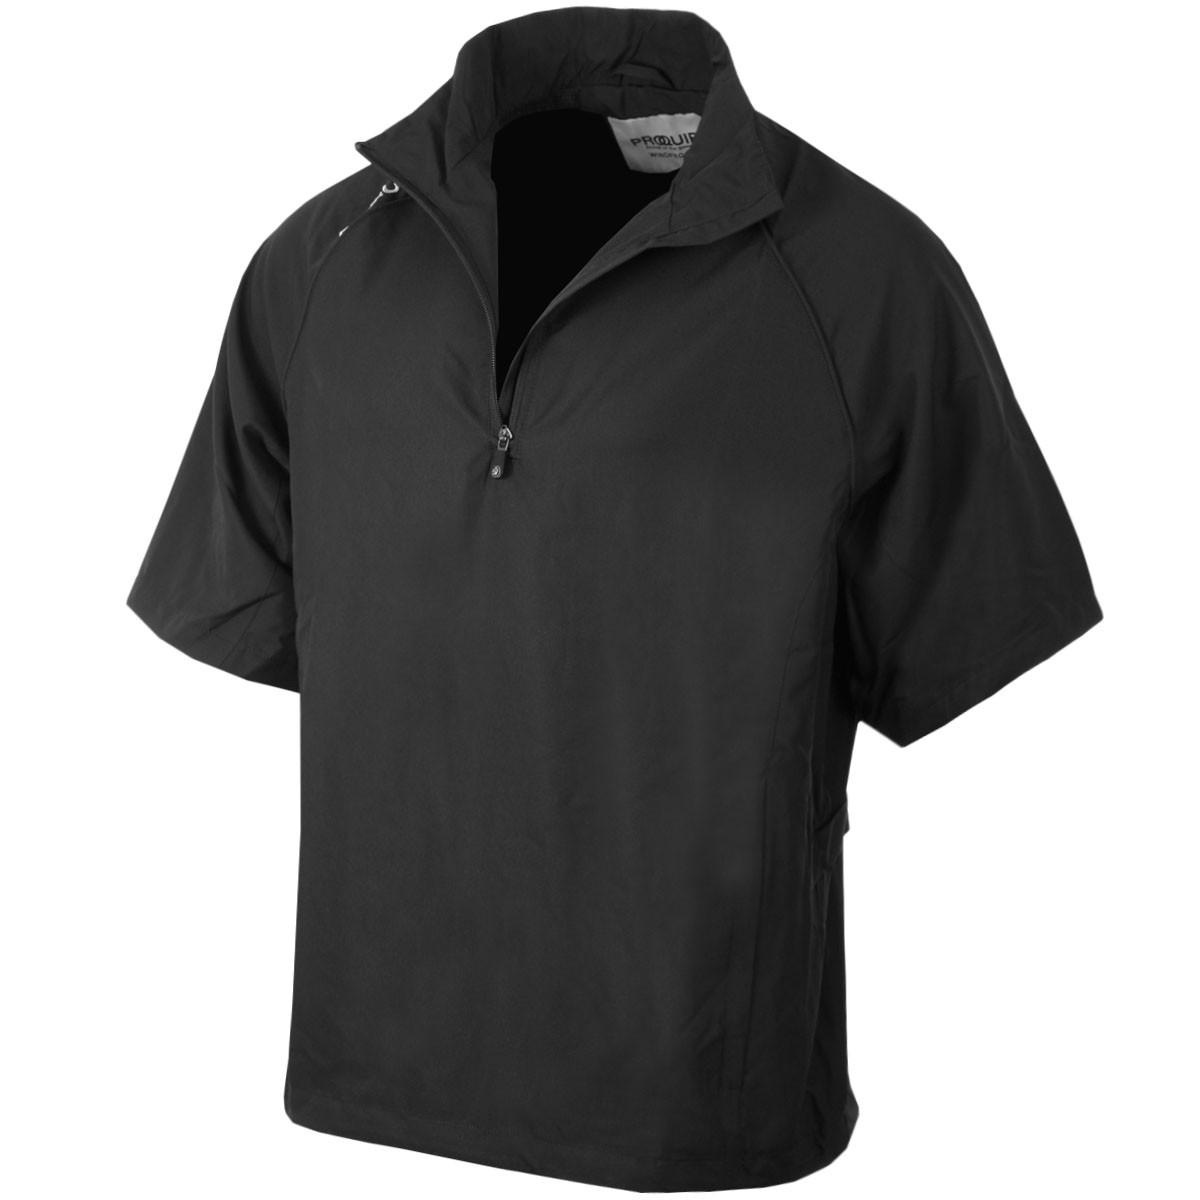 7fc0f475dcc Proquip Golf Mens Waterproof Ultralite Half Zip Wind Shirt - Proquip ...